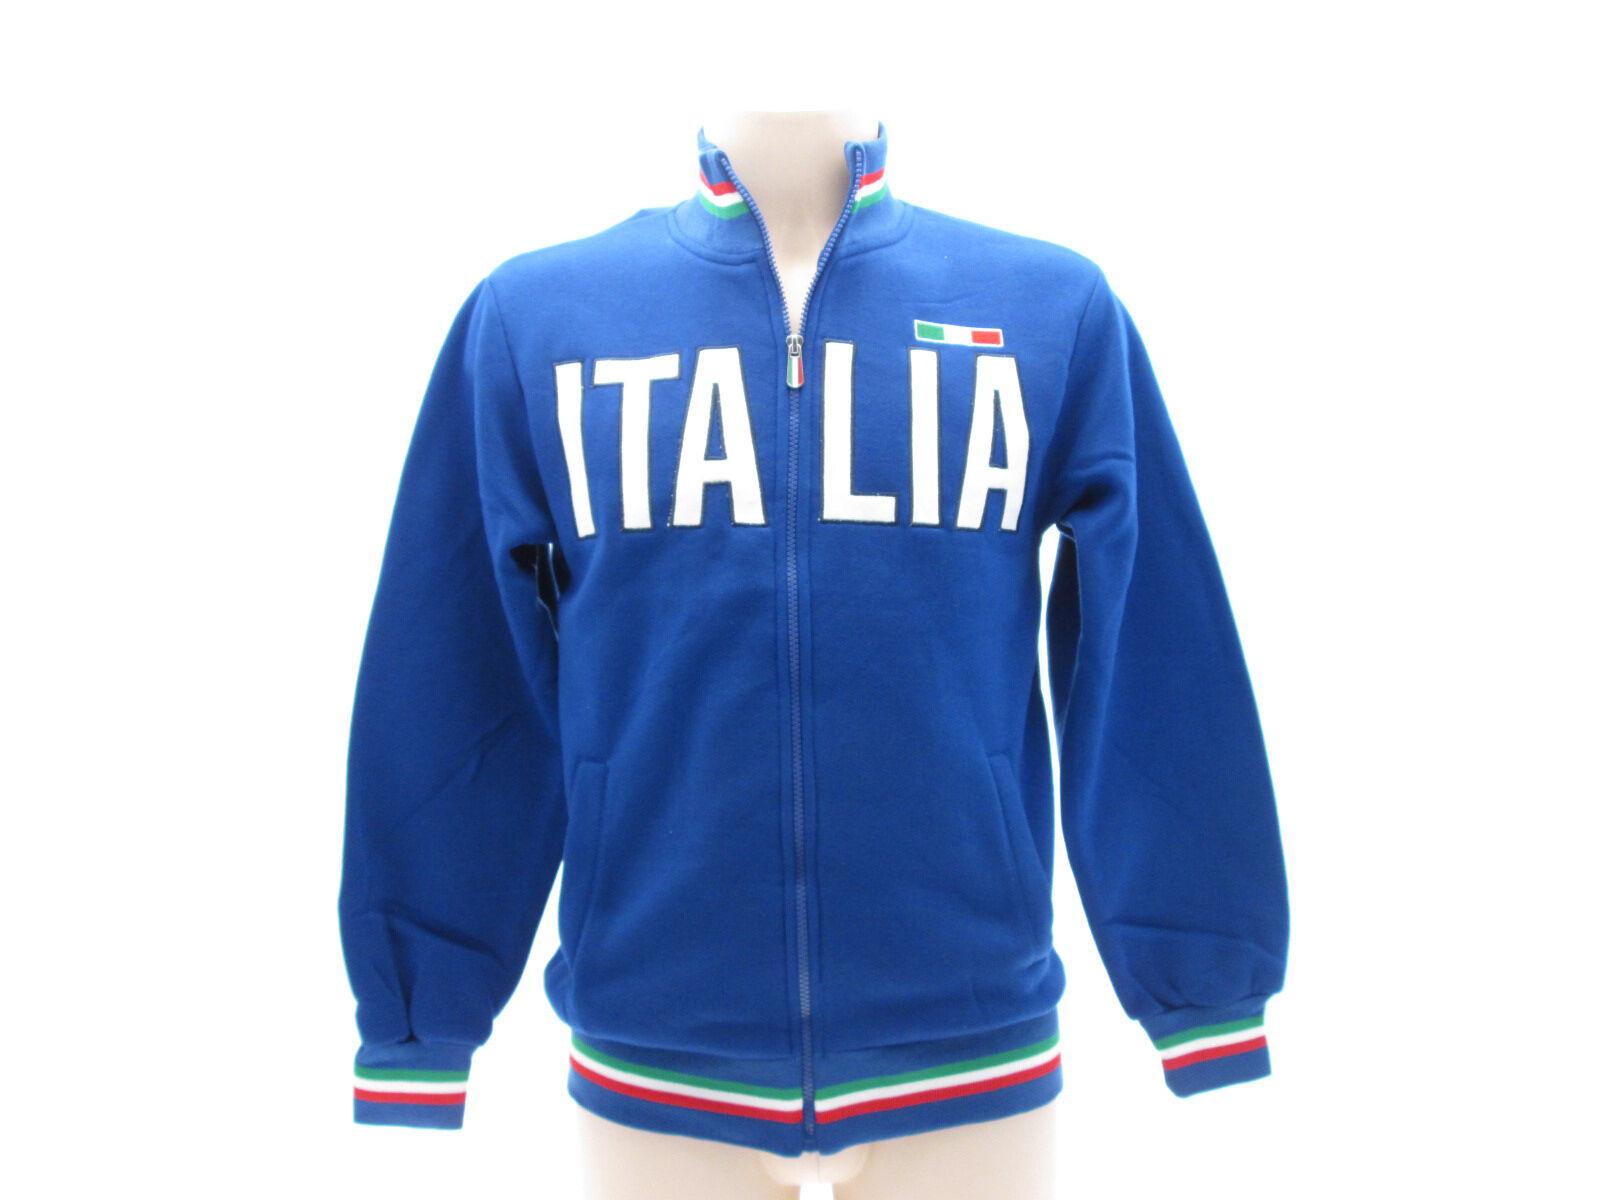 Sweatshirt Italie triFarbe 65% Baumwolle 35% 35% 35% Polyester Reißverschluss Schweiß | Guter weltweiter Ruf  |  Neuer Markt  | Verrückte Preis  d5bc3c